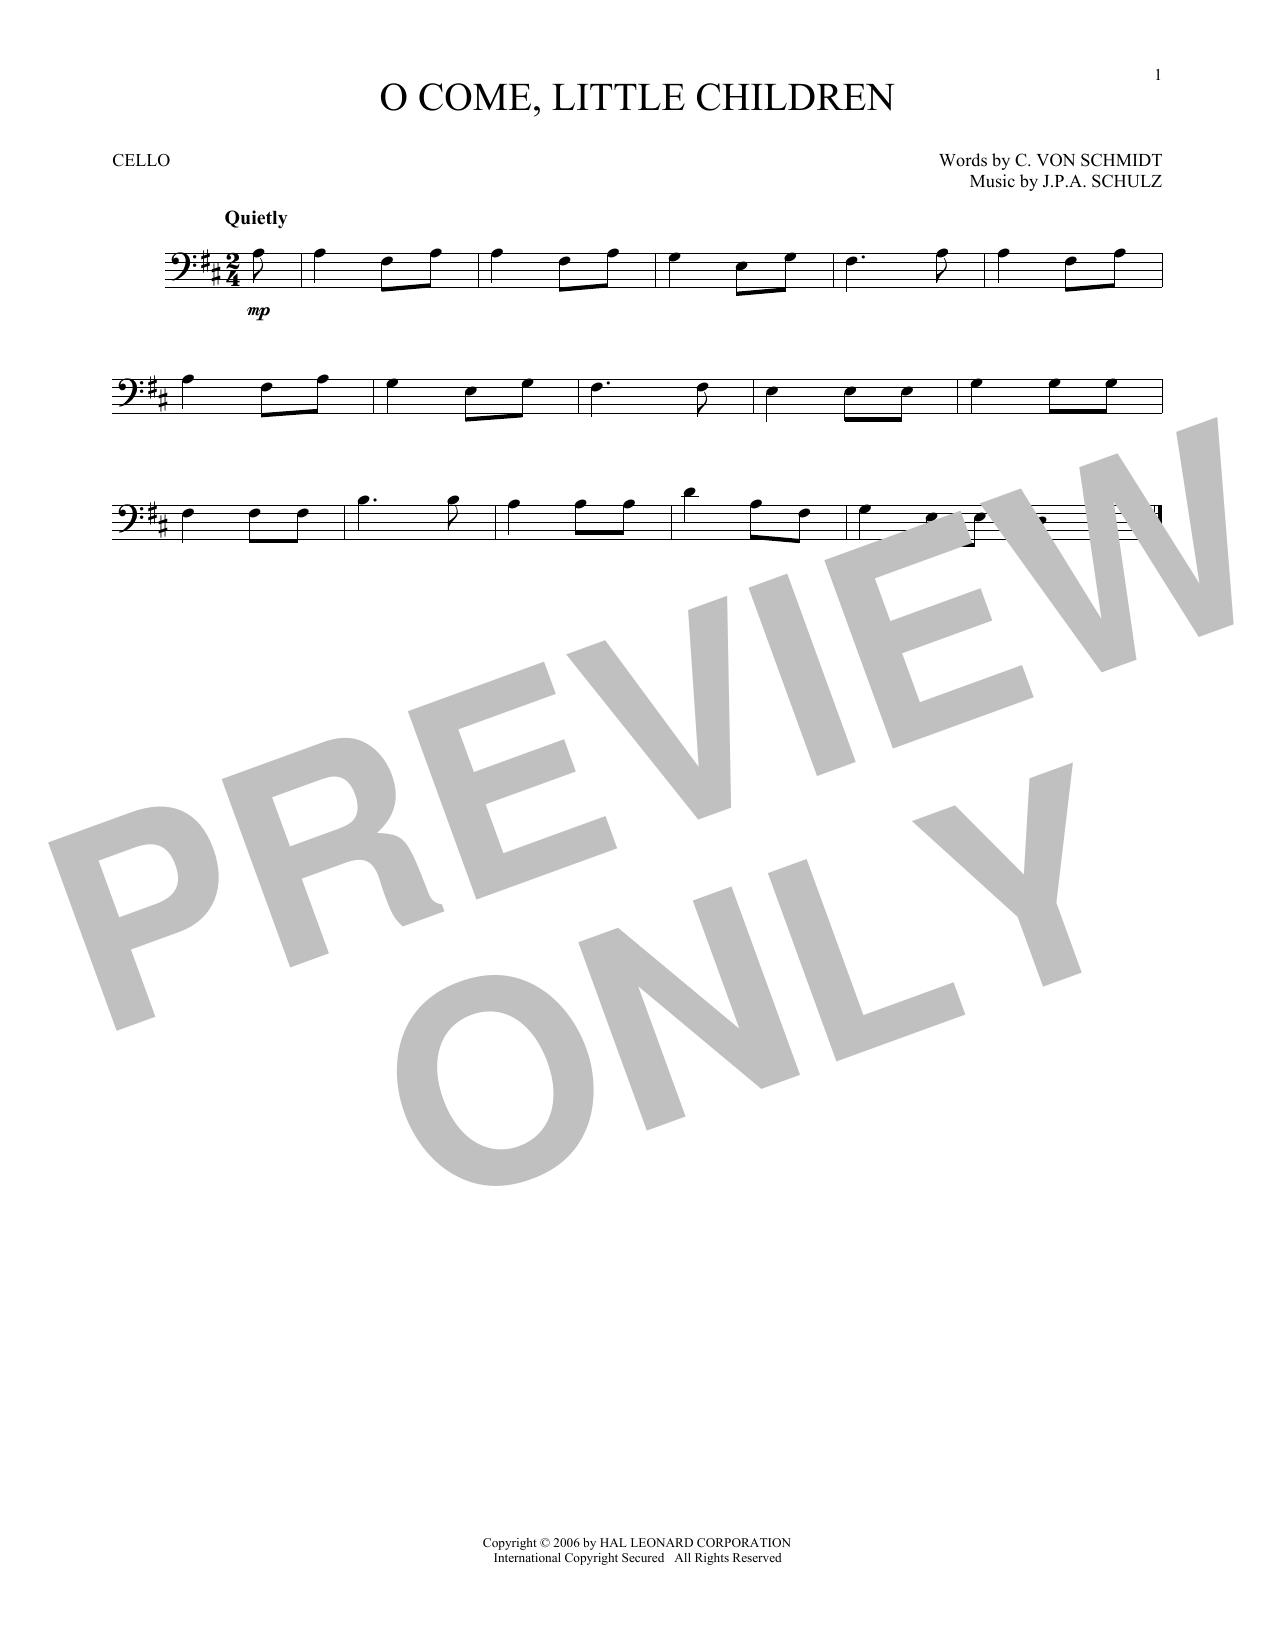 O Come, Little Children (Cello Solo)